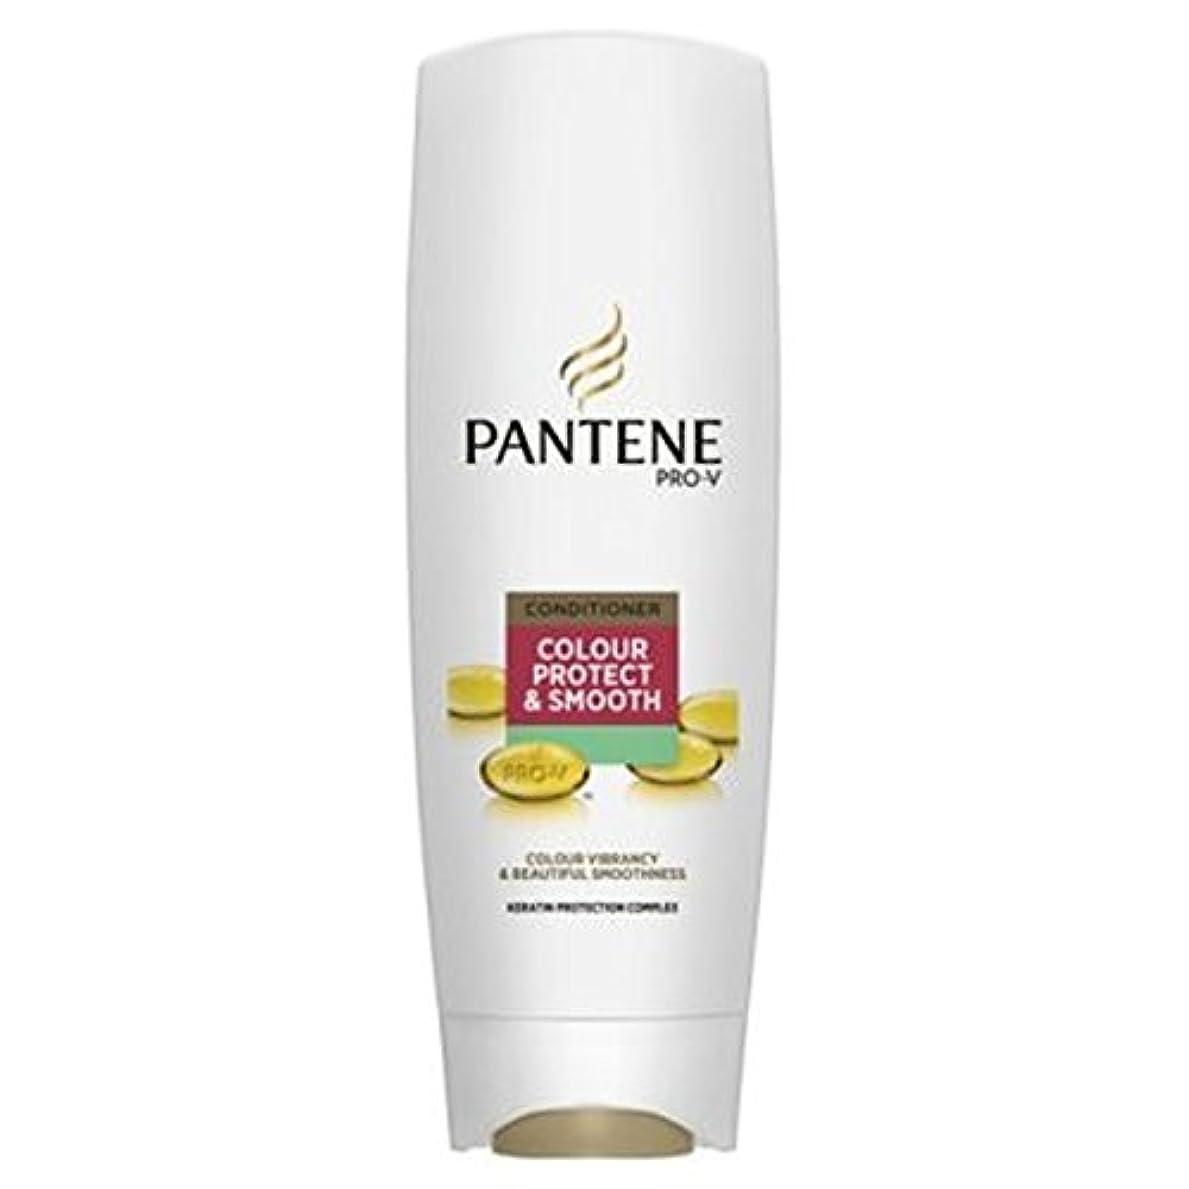 ポインタはいタンザニアパンテーンプロVの色保護&スムーズコンディショナー360ミリリットル (Pantene) (x2) - Pantene Pro-V Colour Protect & Smooth Conditioner 360ml (Pack...